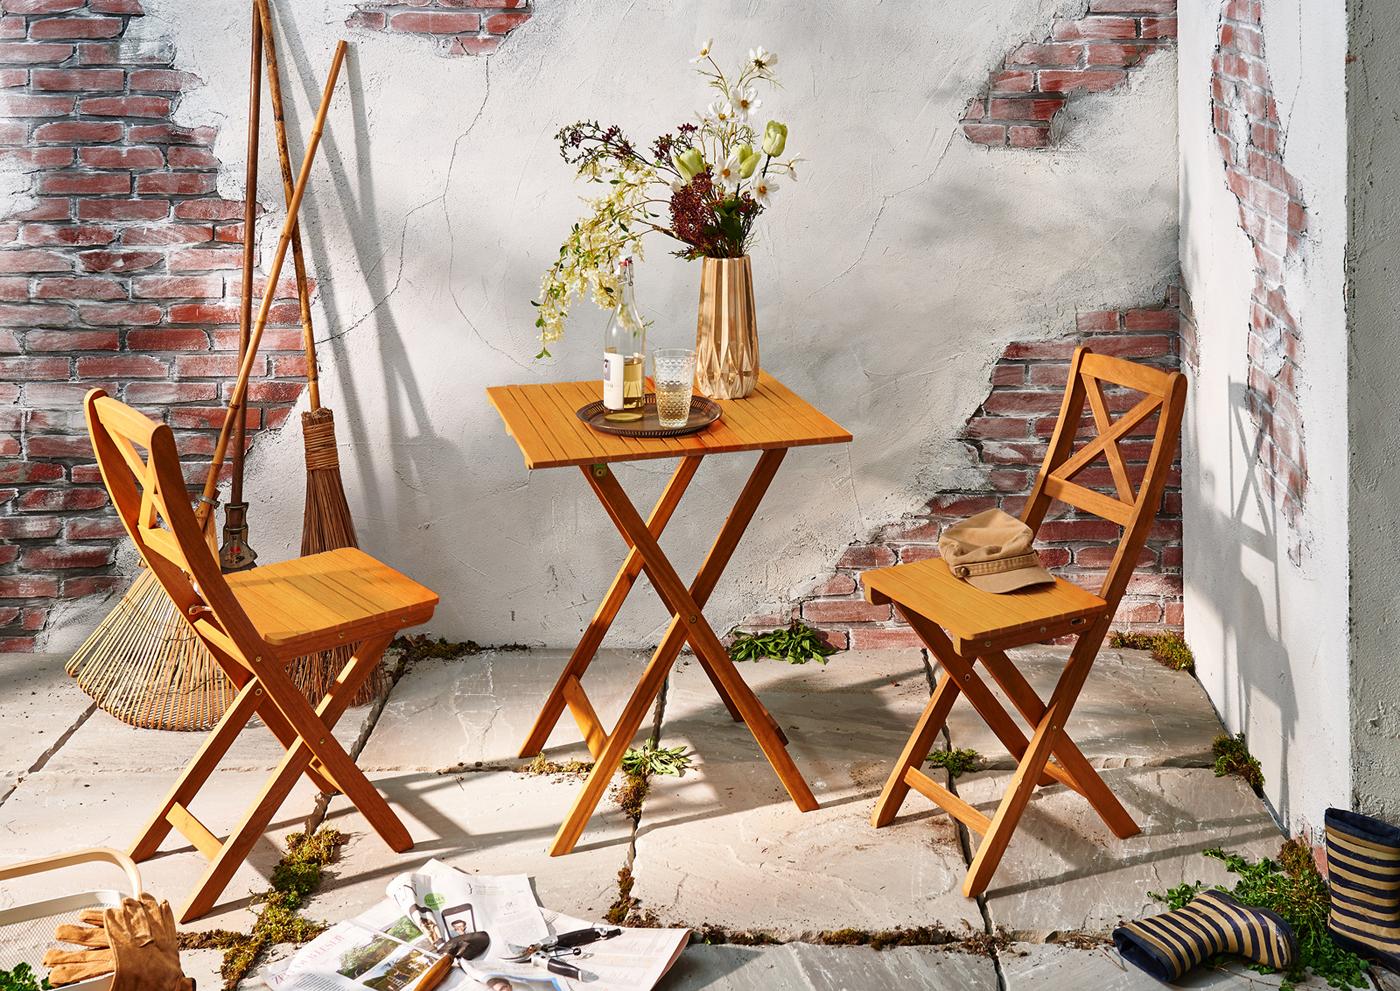 Sam Balkonmöbel Set Akazie 3tlg Balkontisch 60 X 60 Cm Xanten